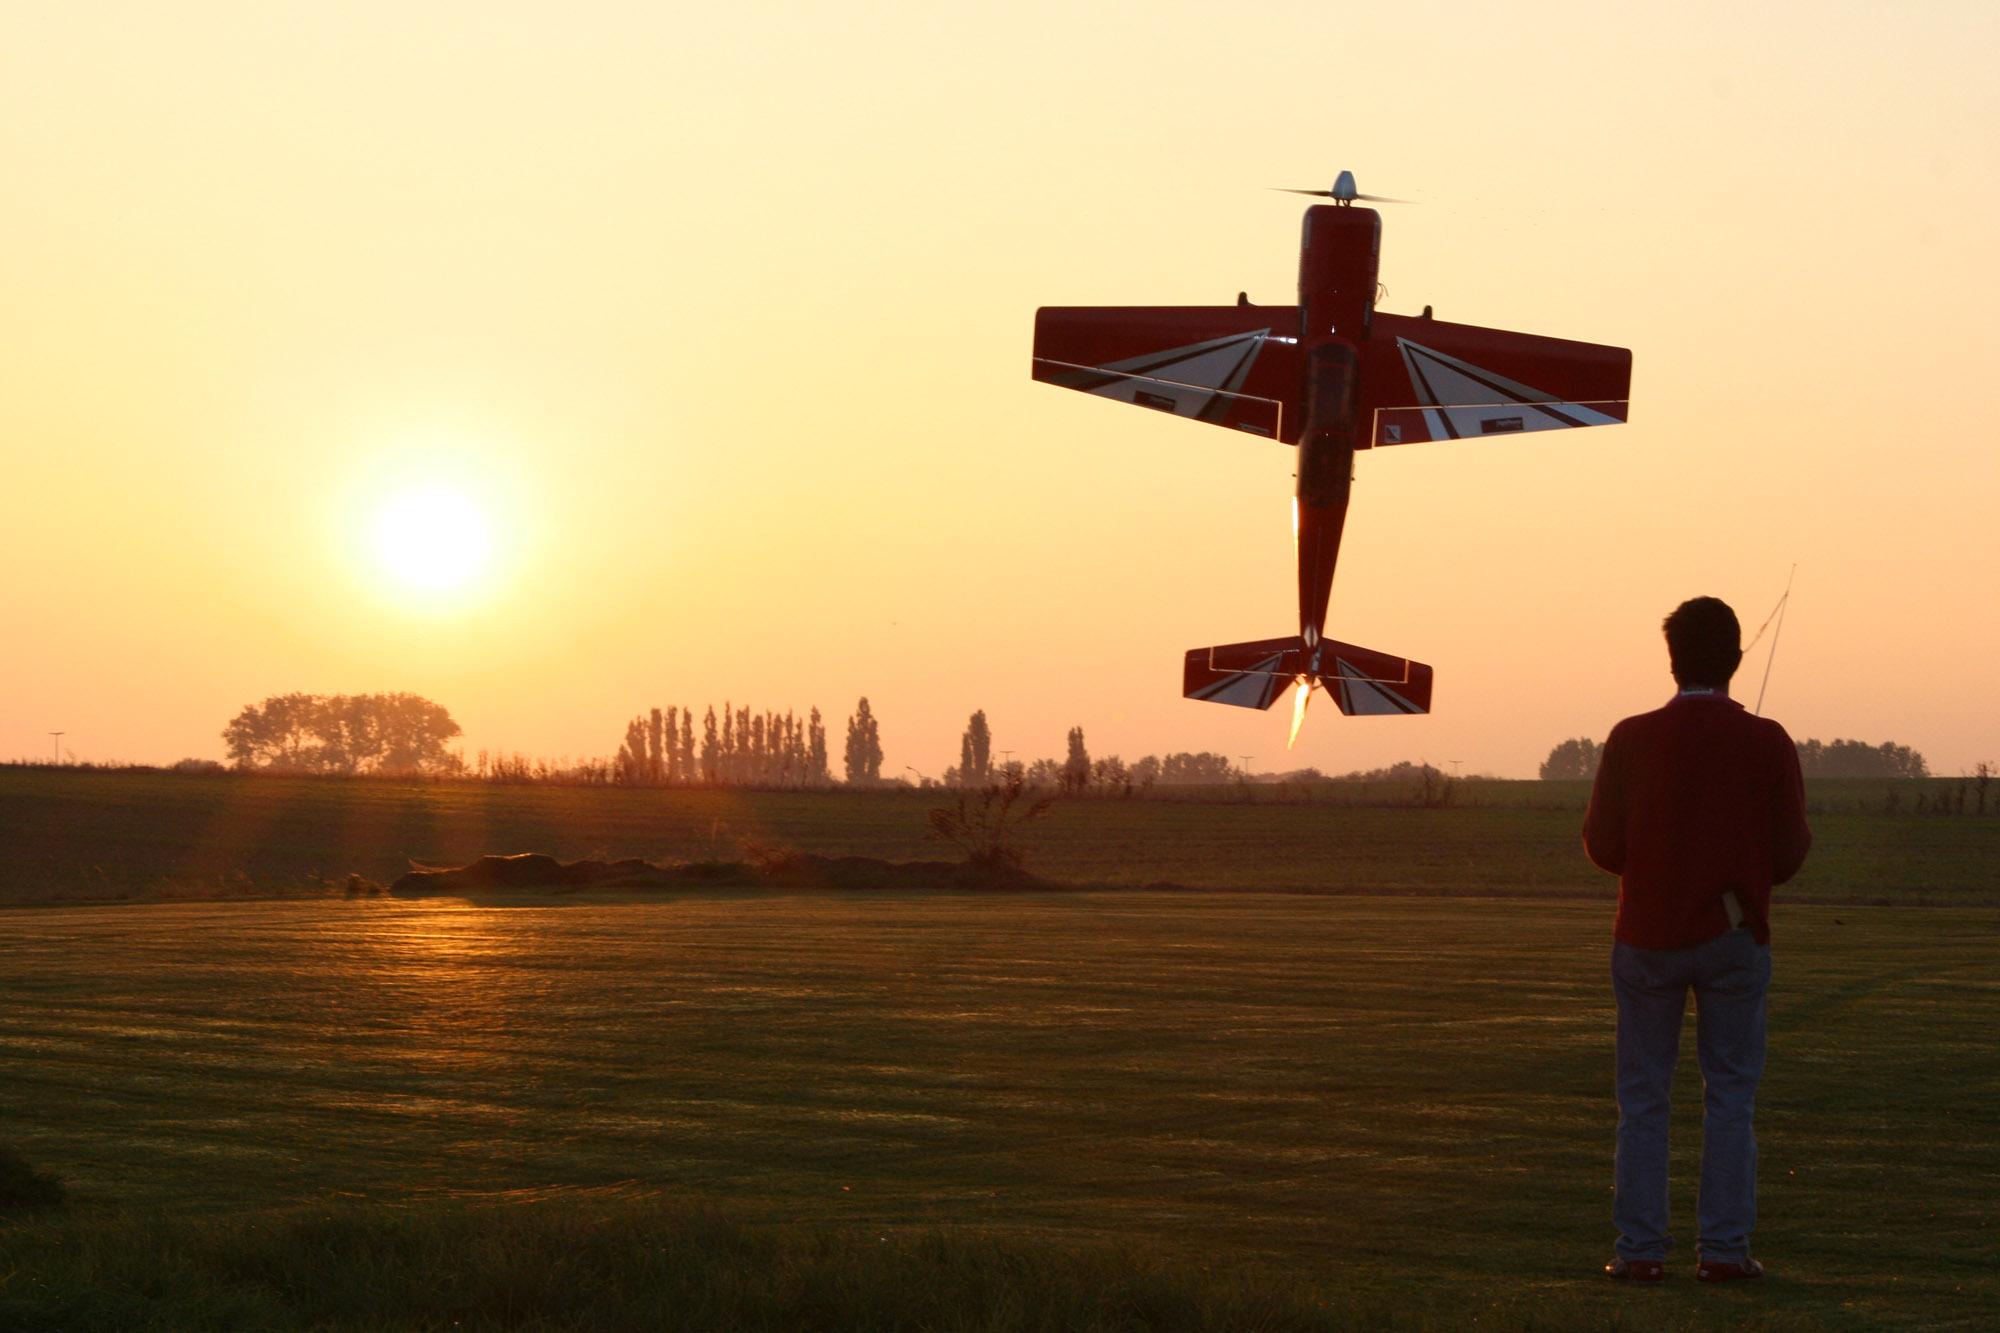 F3 - Radio Control Aerobatics   World Air Sports Federation